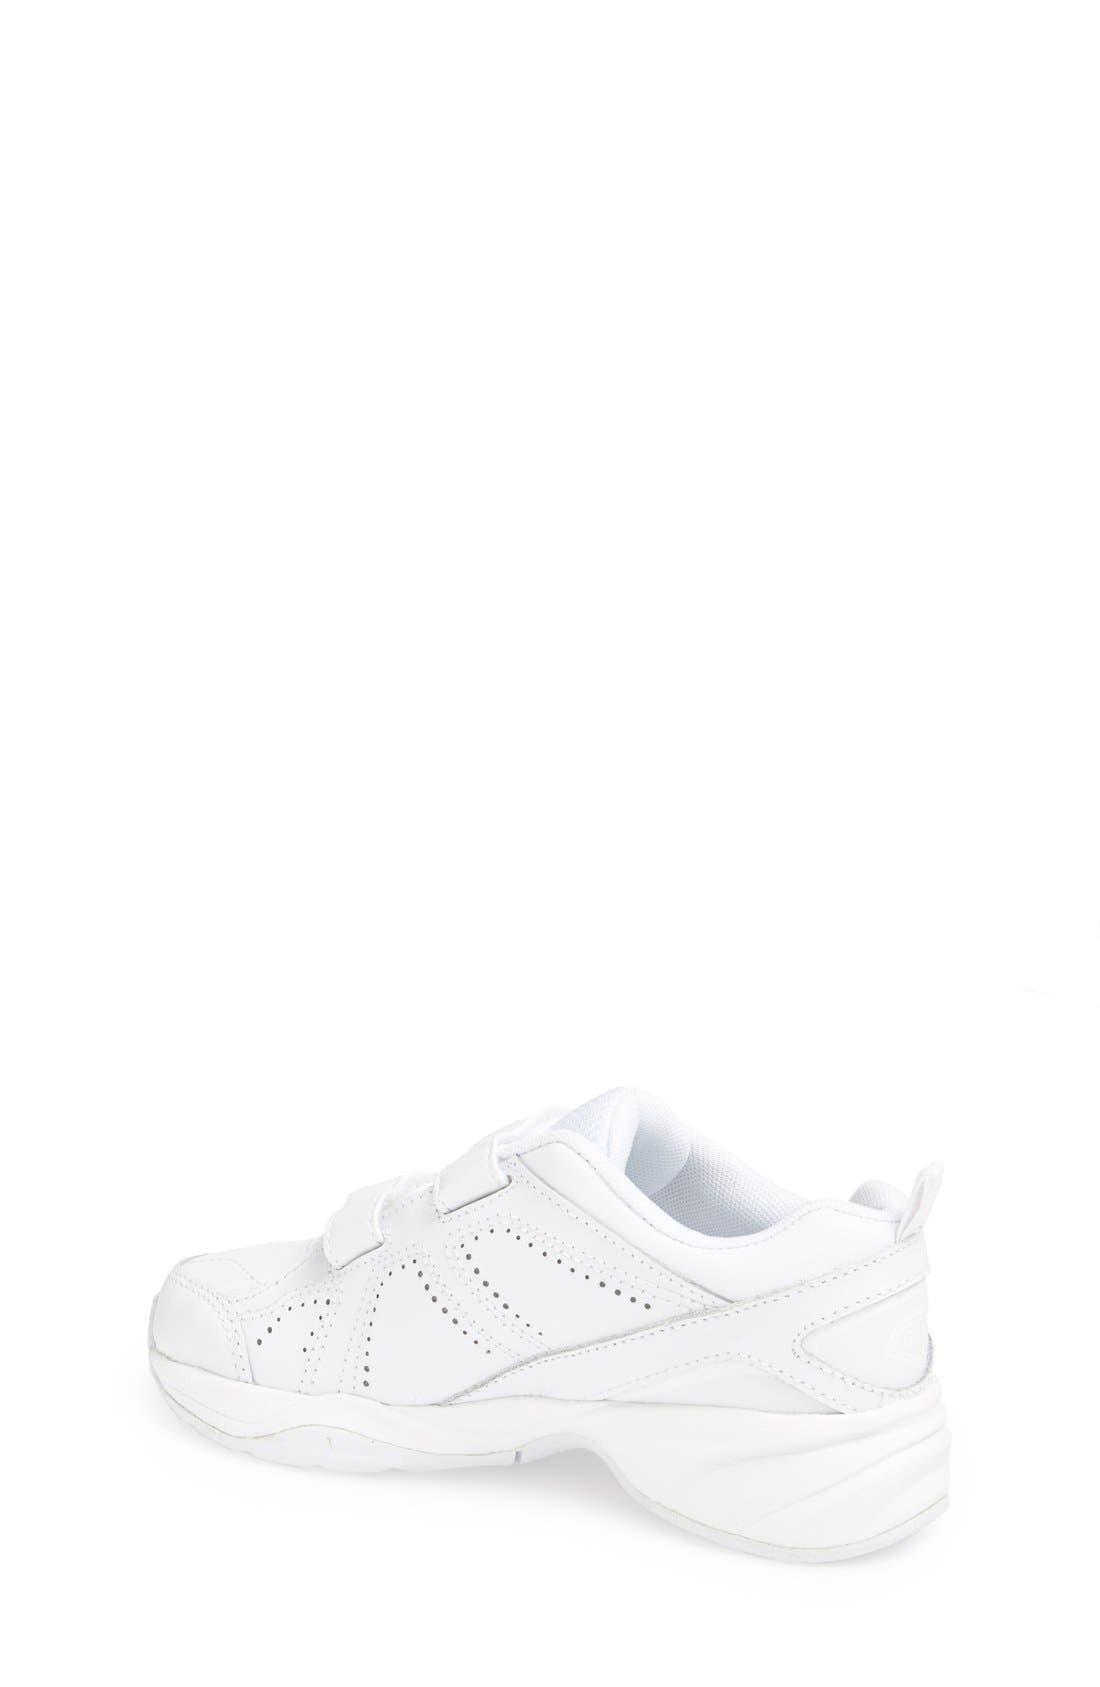 'Takedown 624v2' Sneaker,                             Alternate thumbnail 2, color,                             White